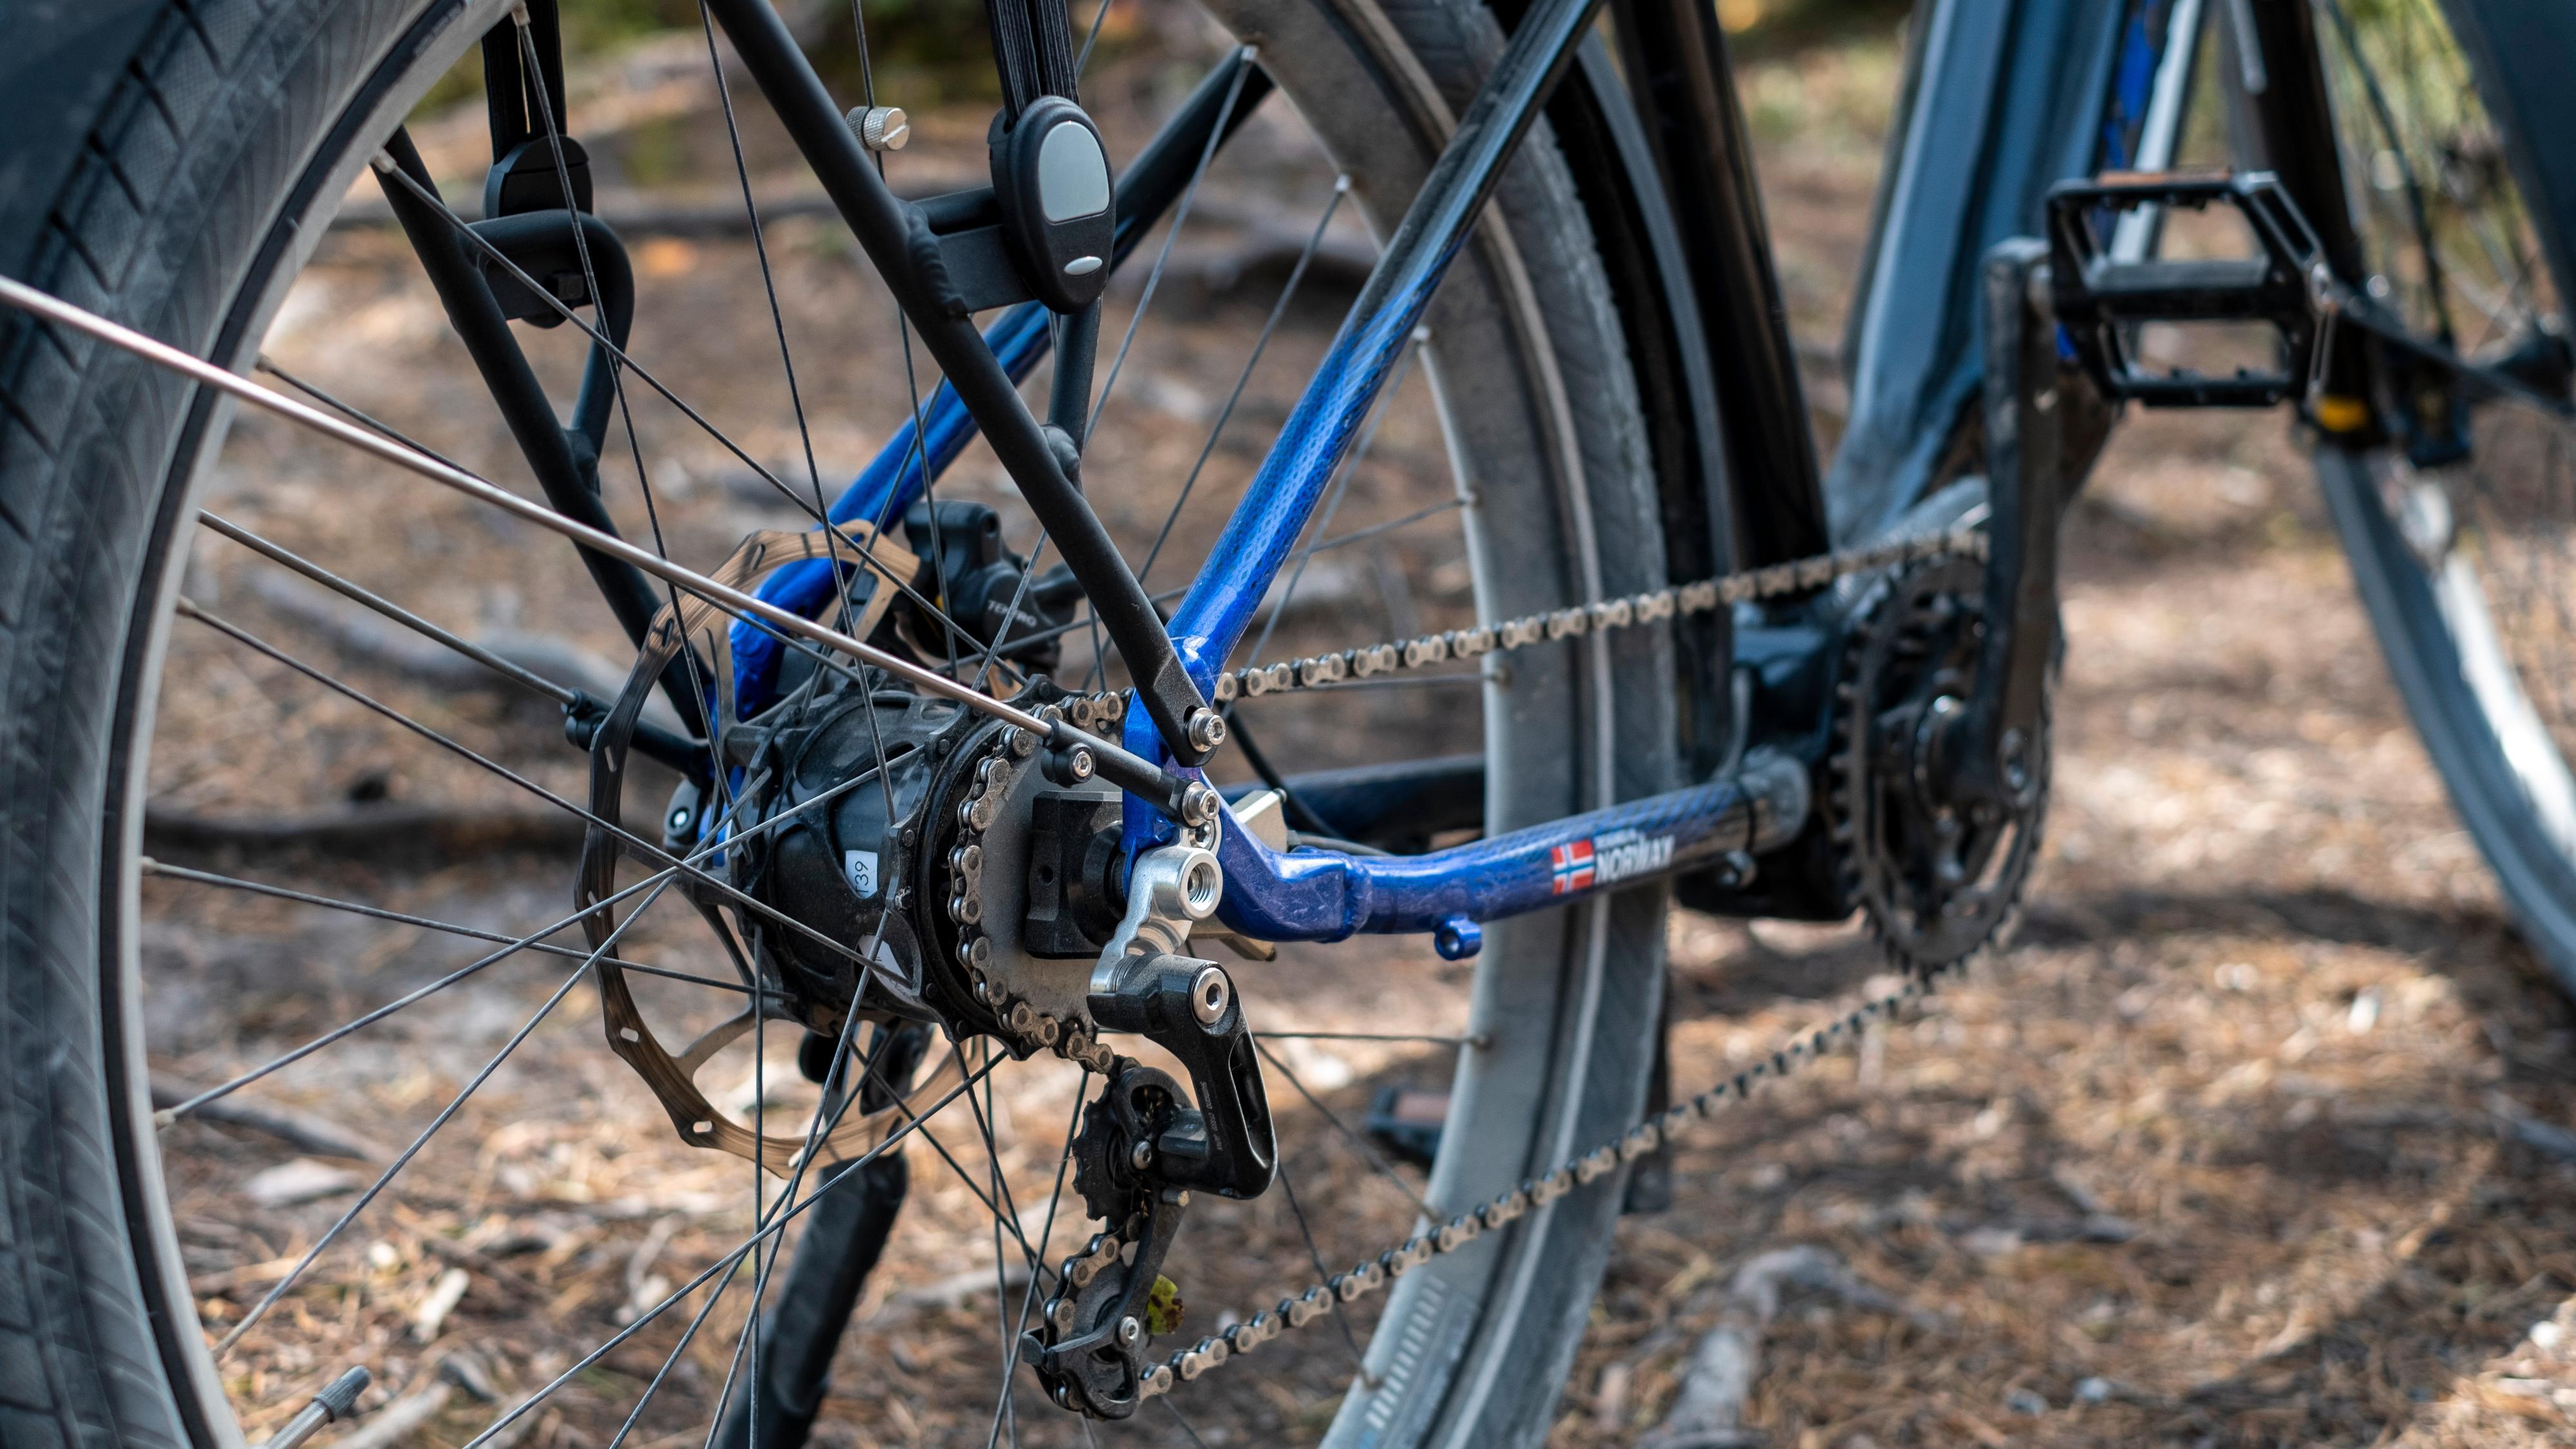 Et helt spesielt norsk girsystem har fått plass i testsykkelen. Vi får vite at enkelte av delene i vår sykkel er 3D-printet og at enda bedre deler vil dukke opp i utsalgsmodellen - men i praksis merket vi ikke nevneverdig til denne «uferdigheten».